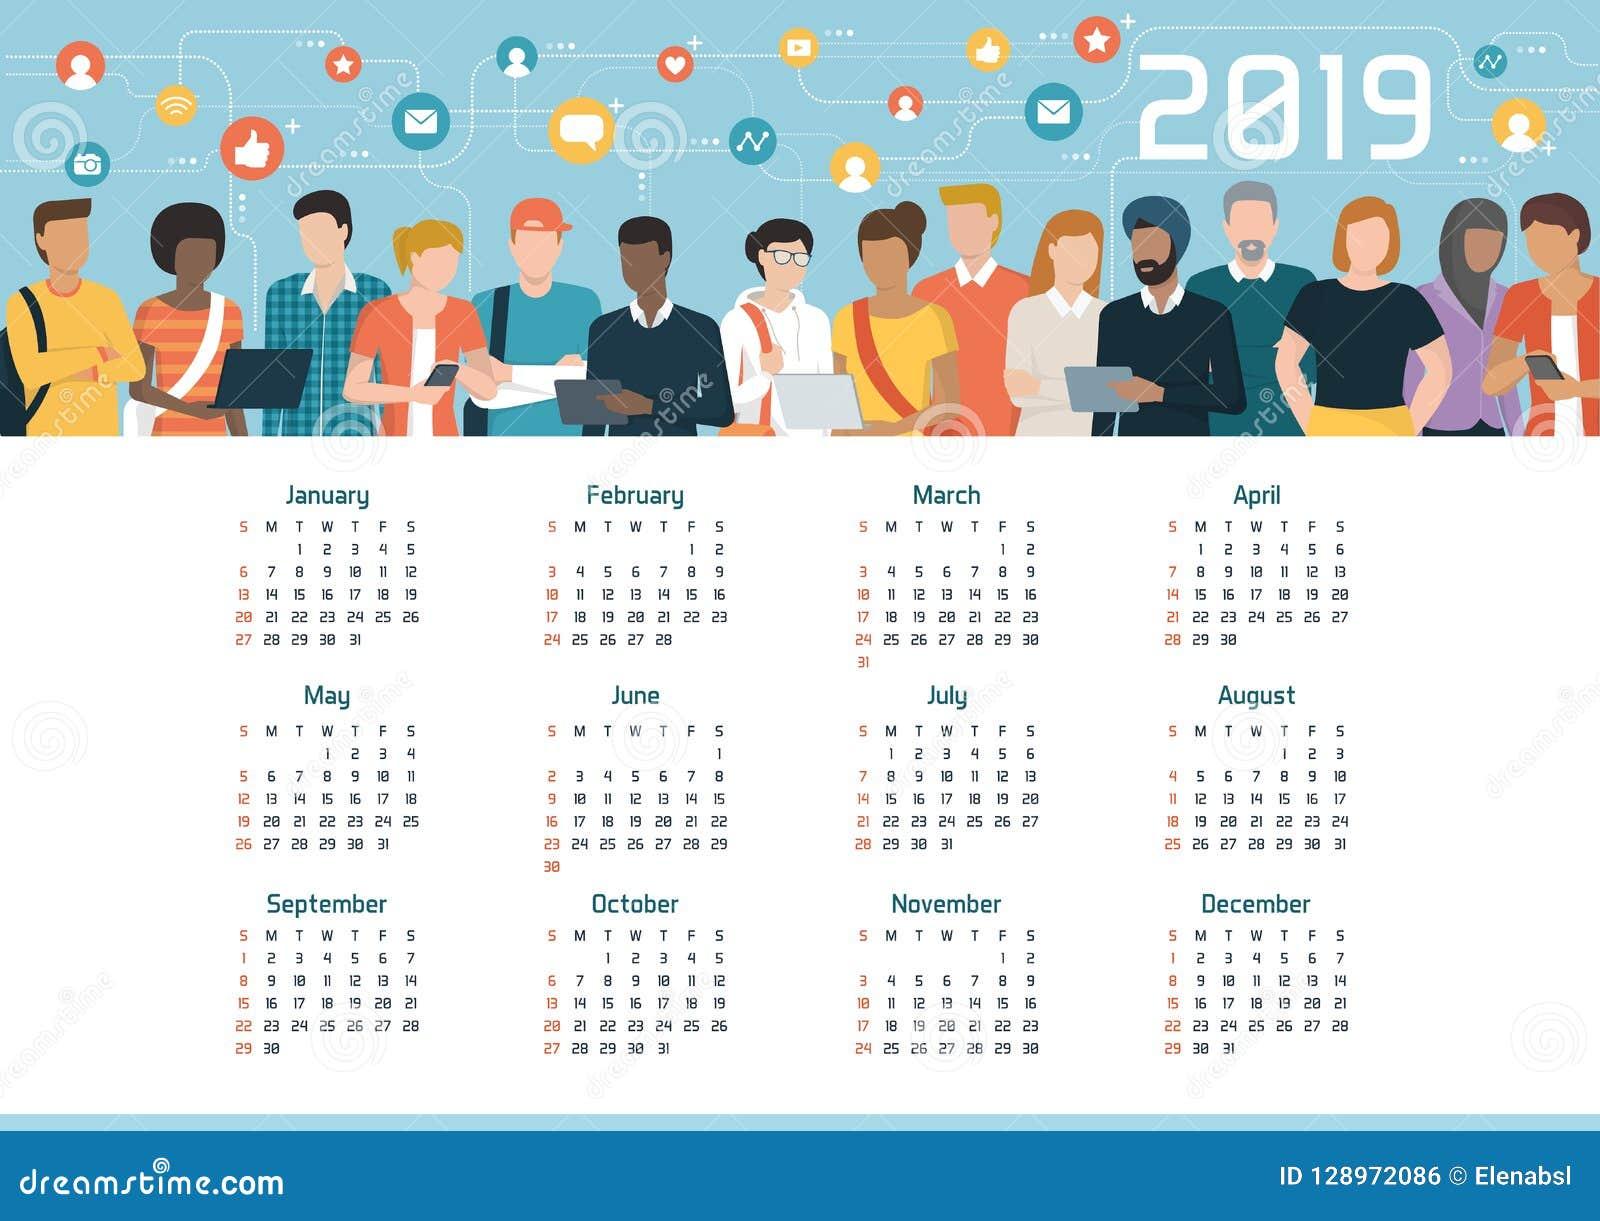 Globale die gemeenschap door sociale media, kalender 2019 wordt verbonden